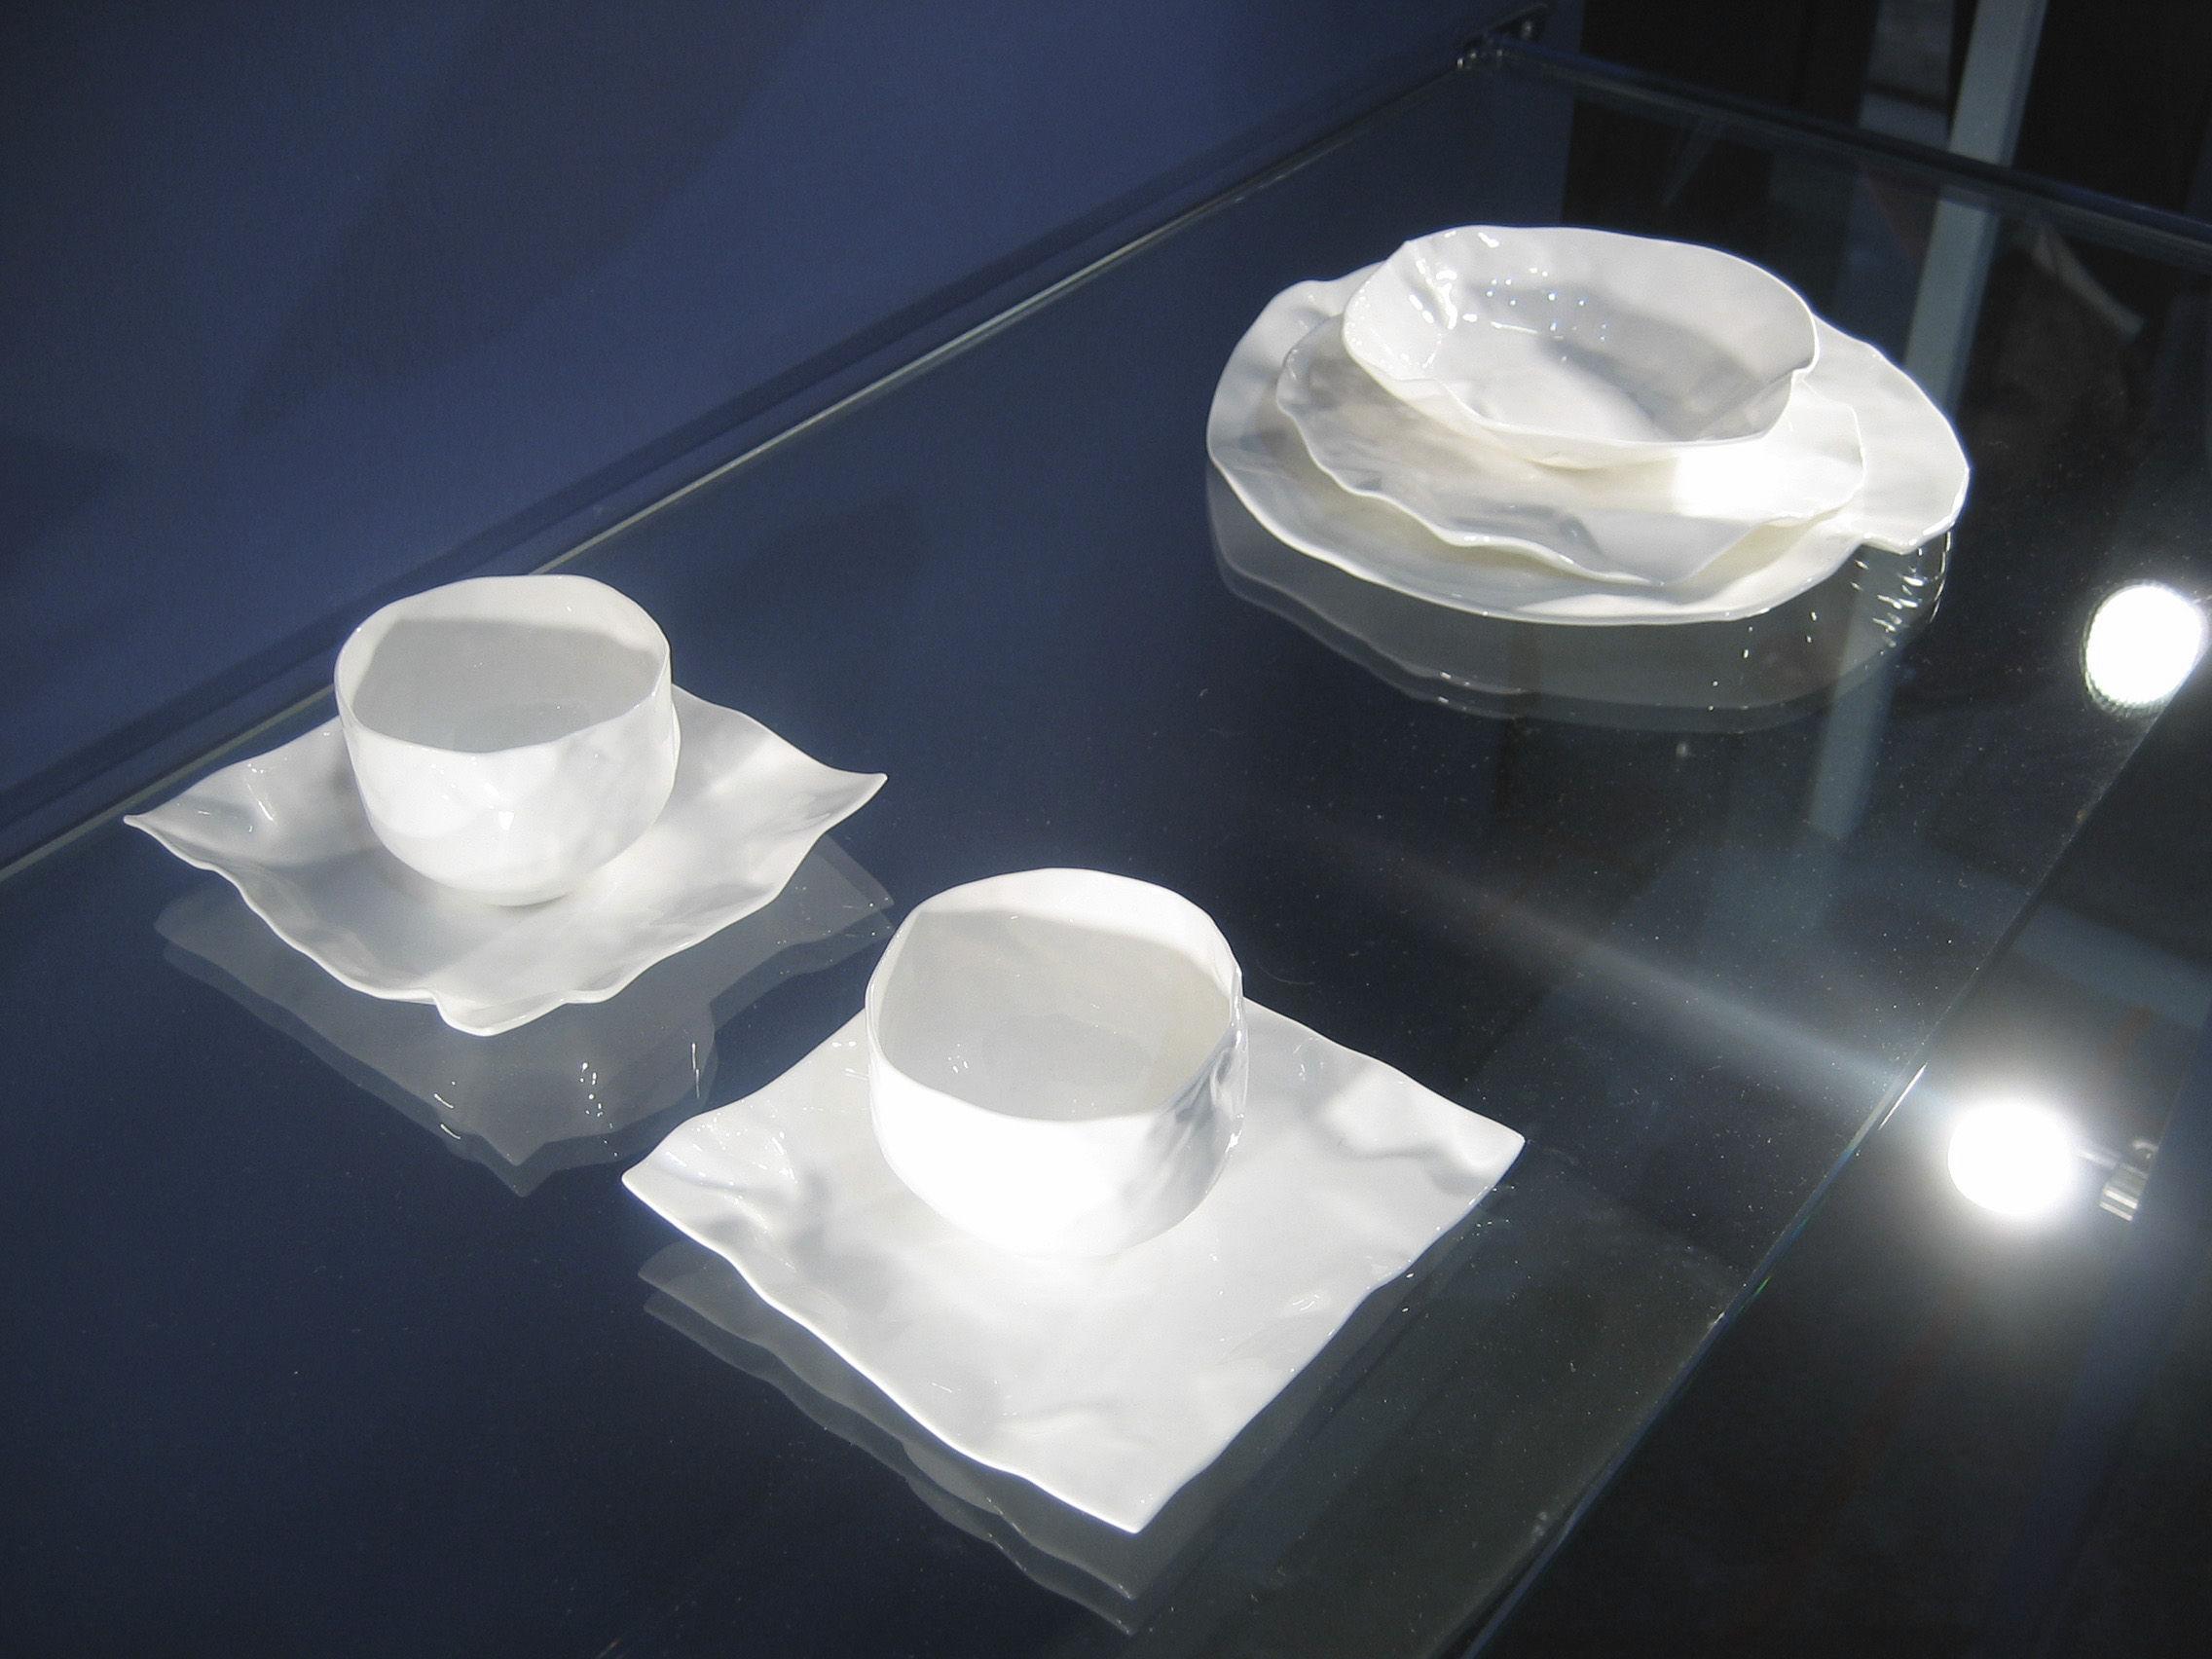 Adela de xi servizio di piatti 2 piatti piani 1 piatto - Servizio piatti design ...